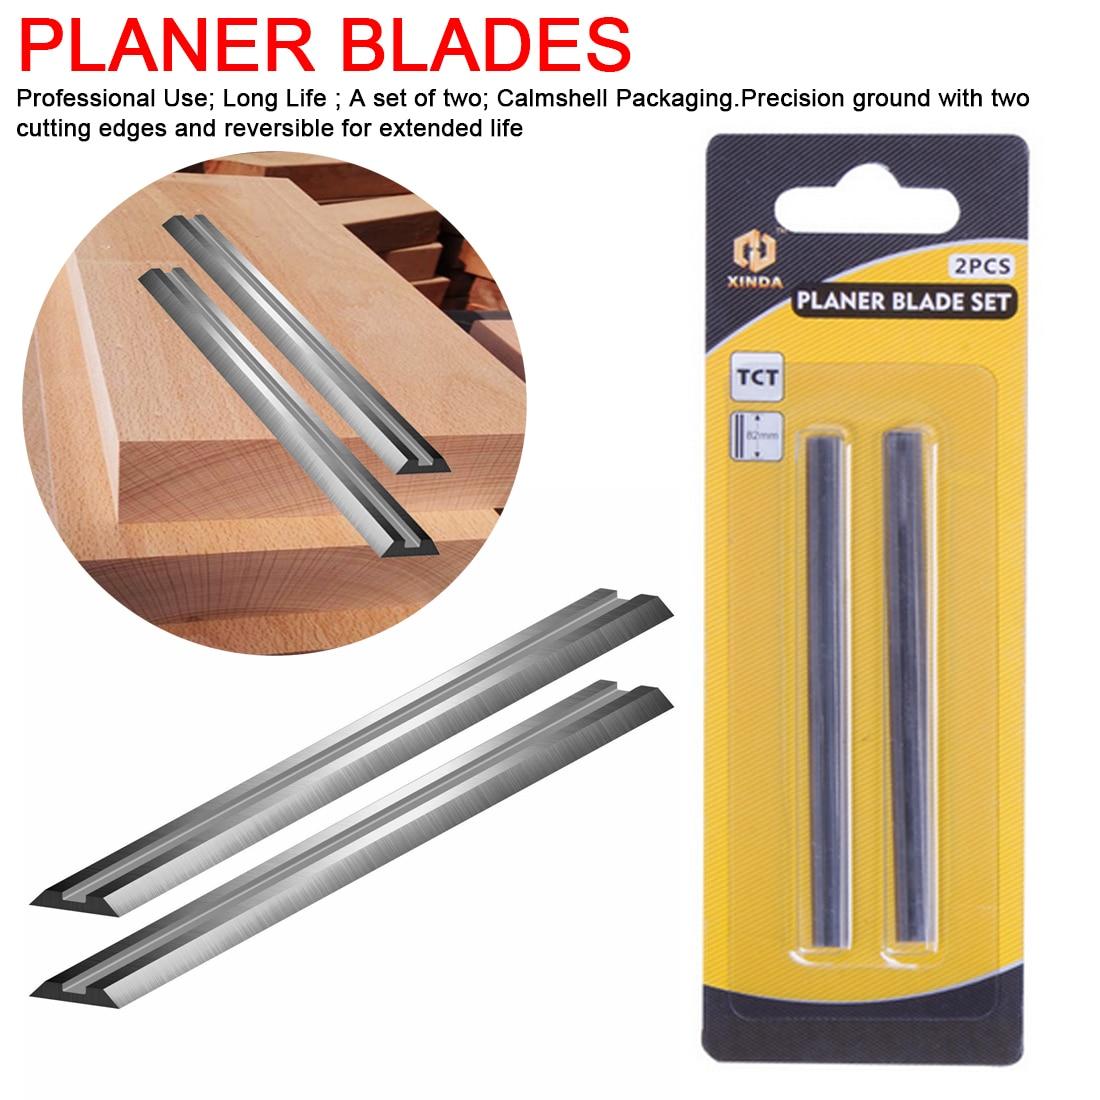 82 мм карбидный строгальный нож 82x5,5x1,2 мм реверсивный деревянный строгальный нож для деревообрабатывающего оборудования